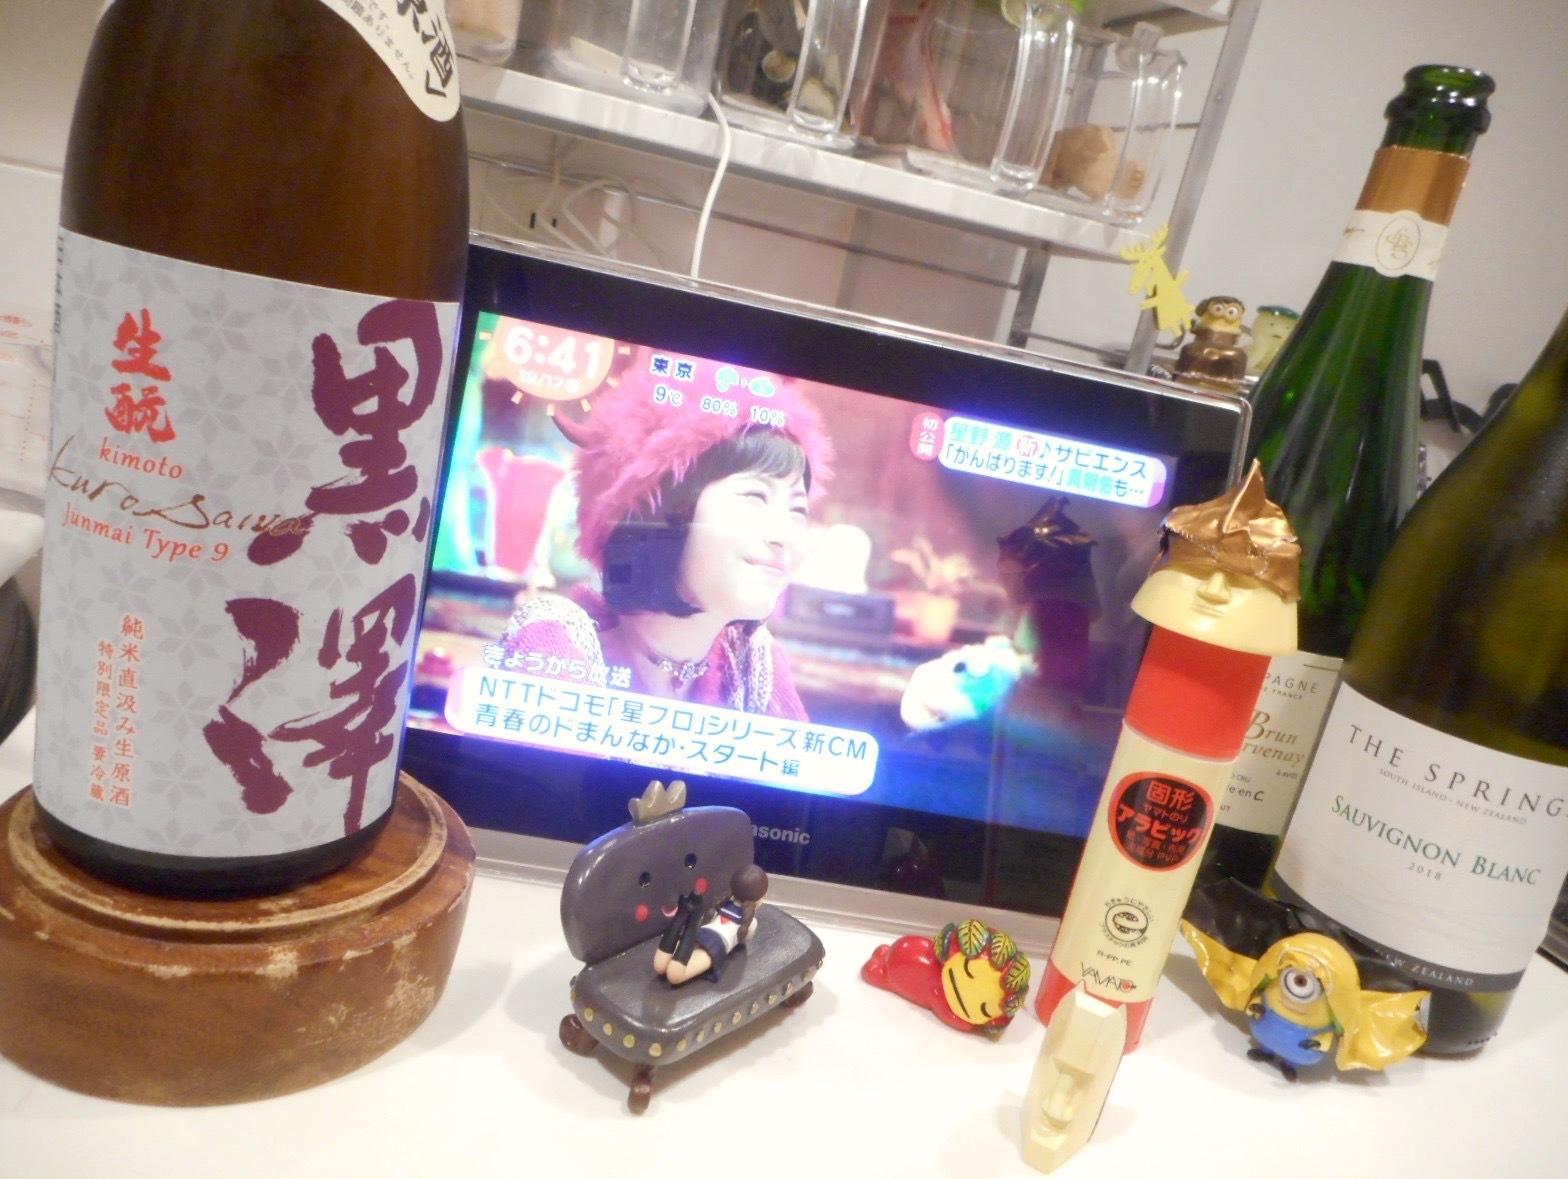 kurosawa_type9_29by3_1.jpg